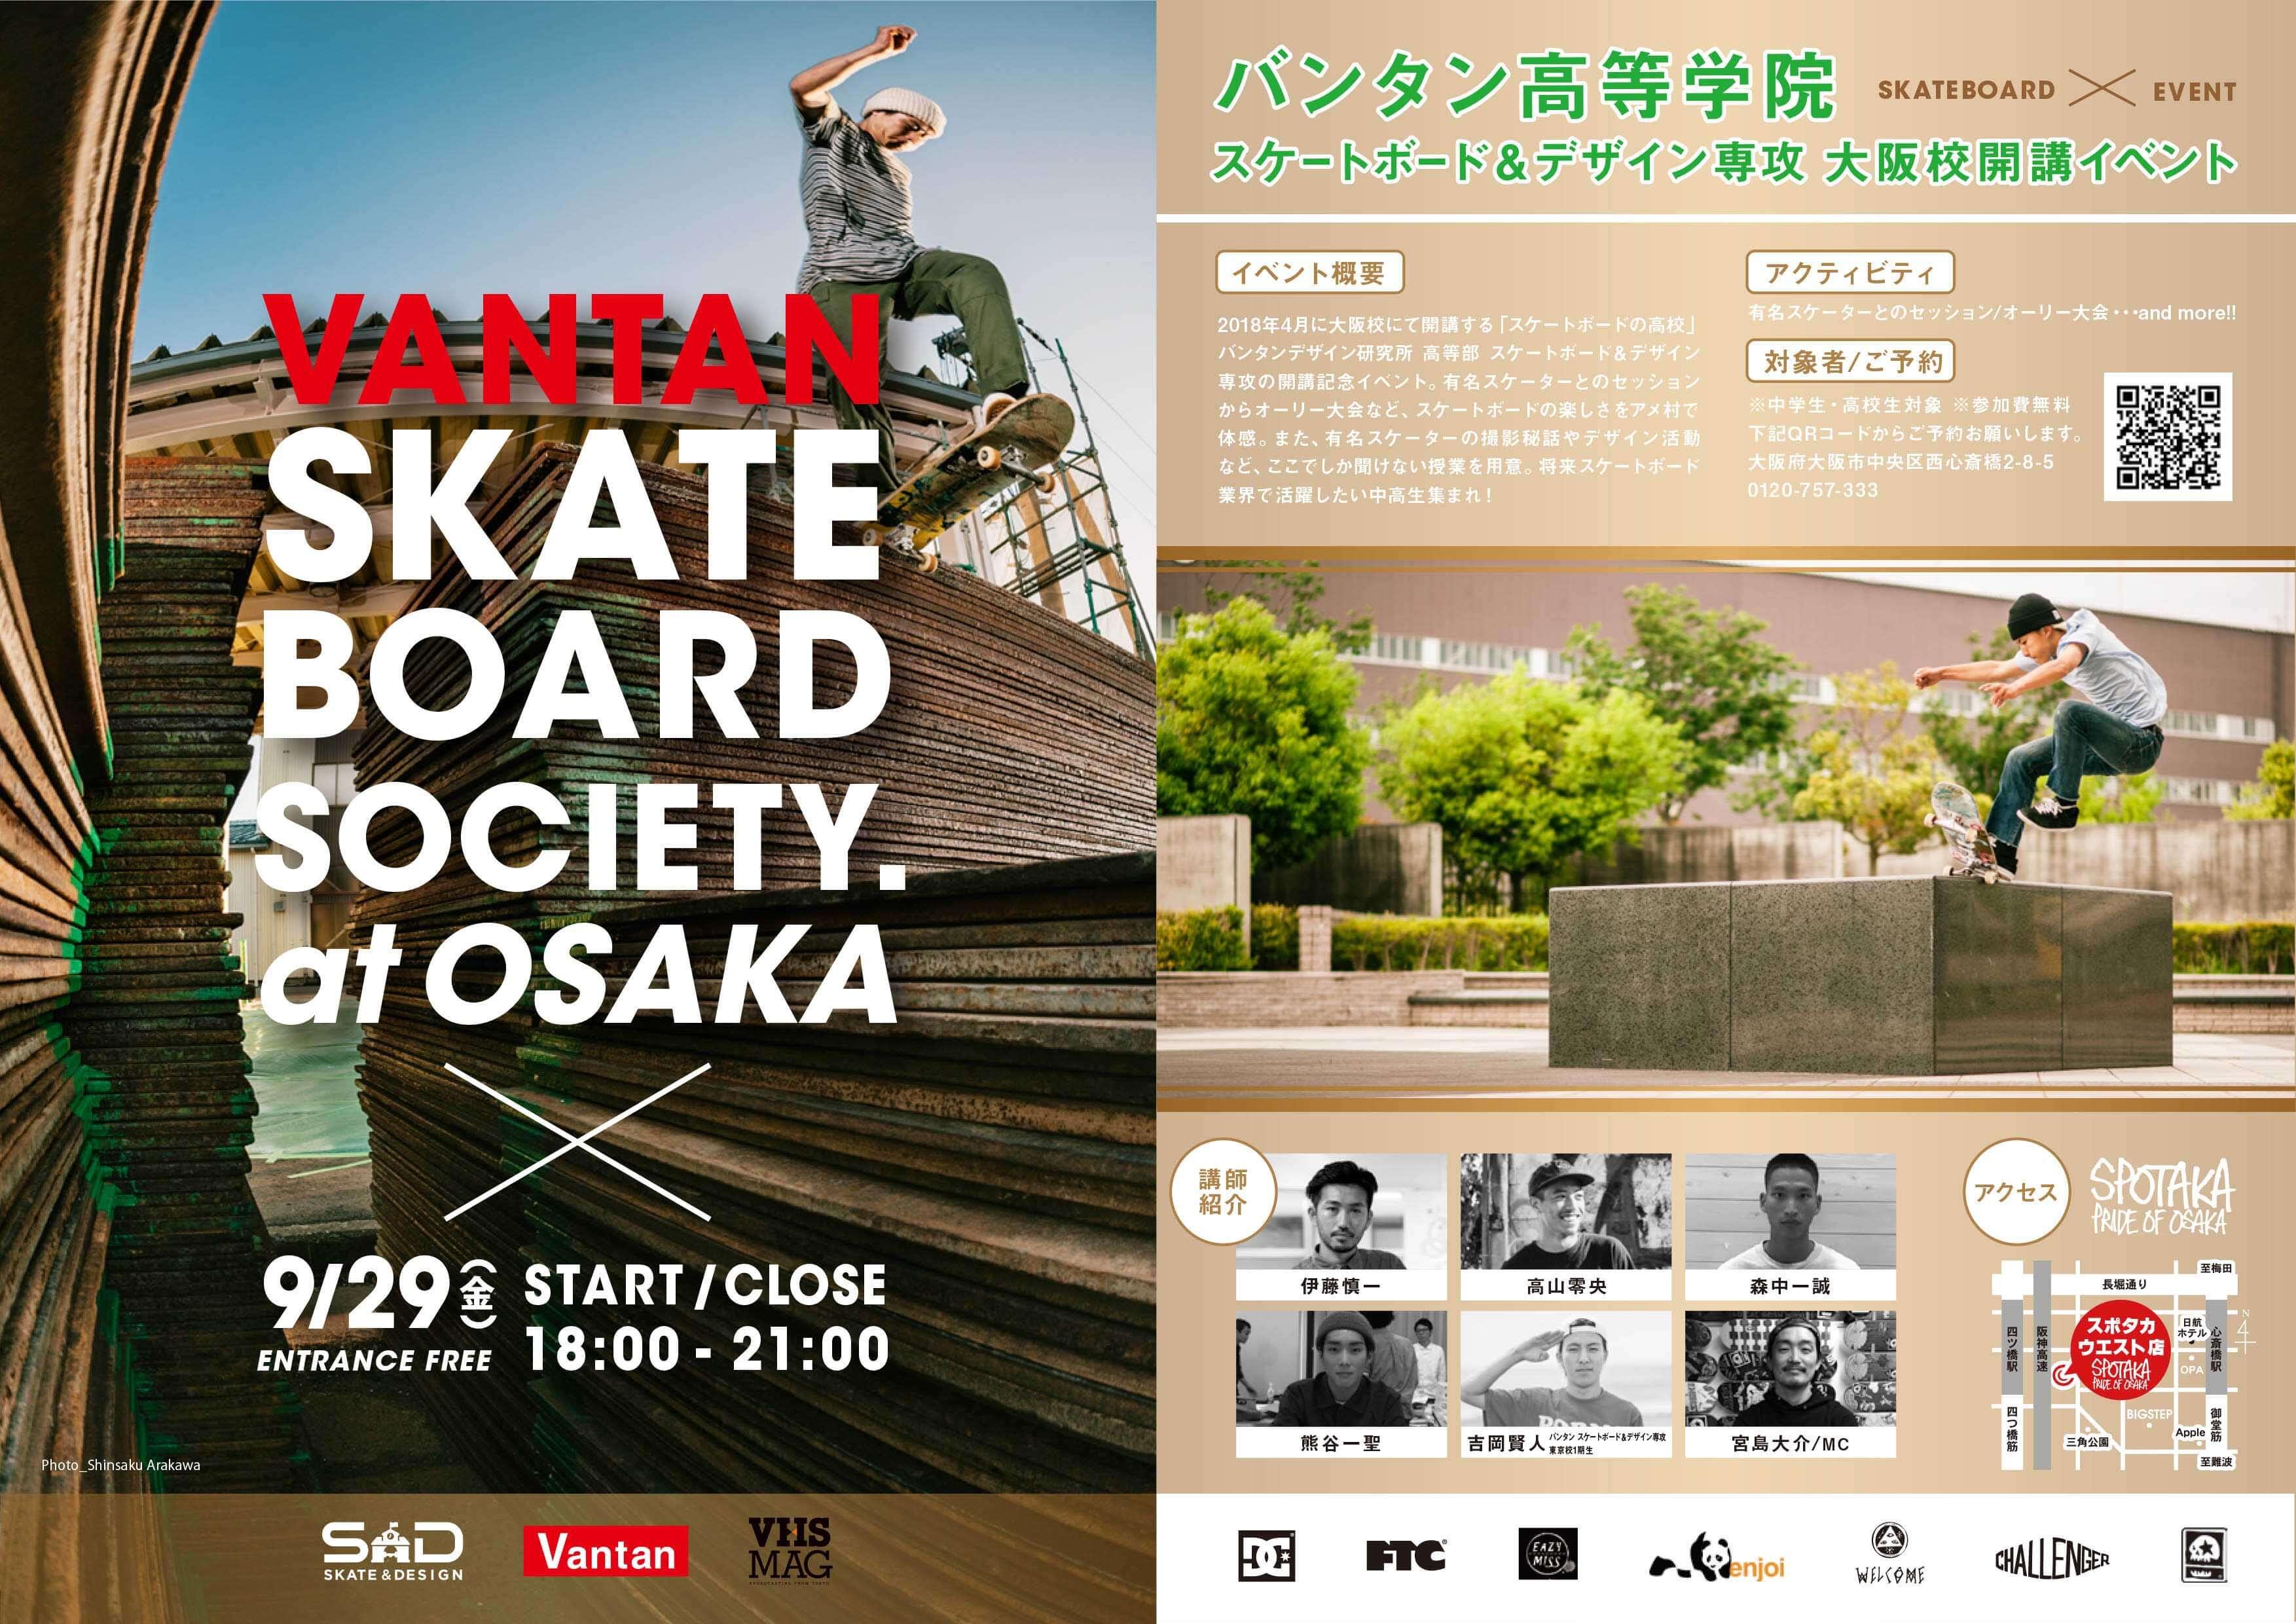 日本で初めてスケーターを育てる高校VANTAN SKATEBOARD SOCIETY @OSAKA